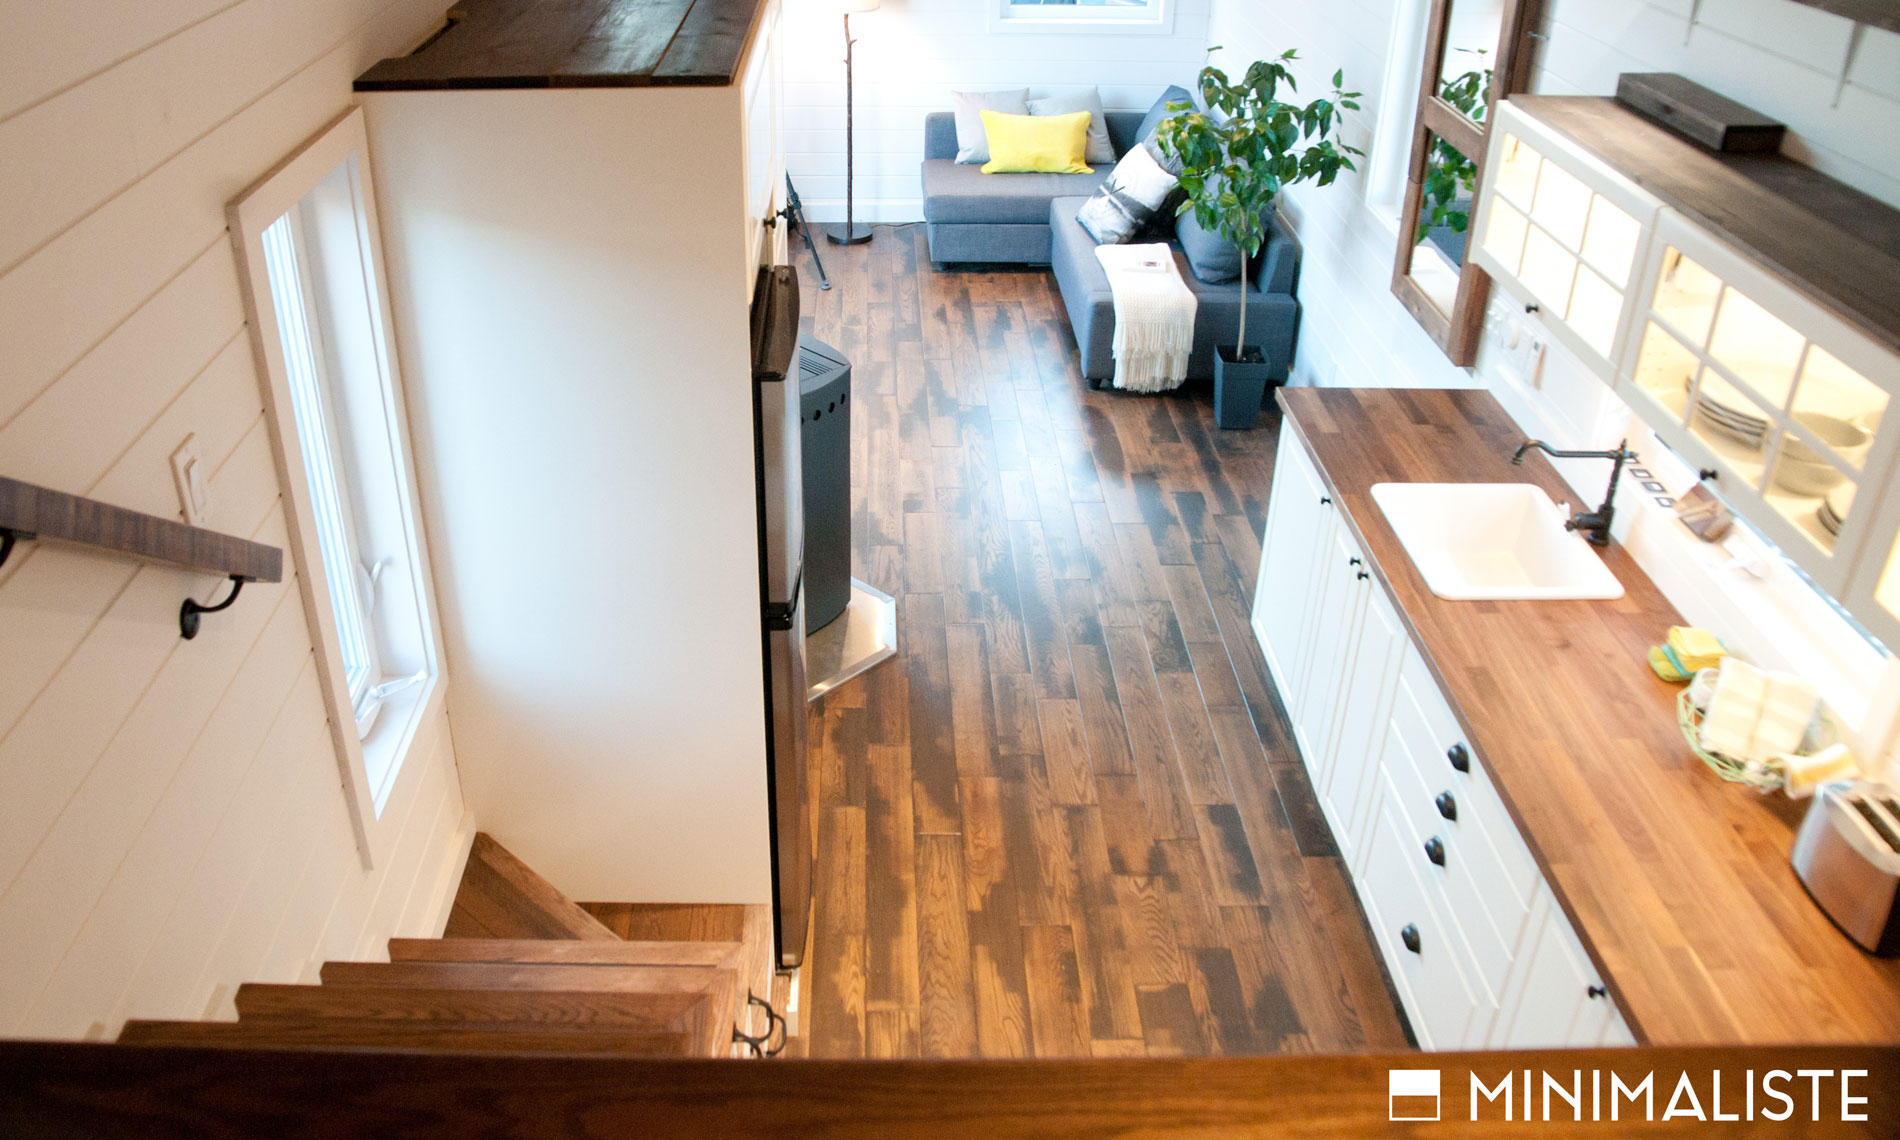 Le ch ne une jolie mini maison sur roues par l for Micromaisons minimaliste